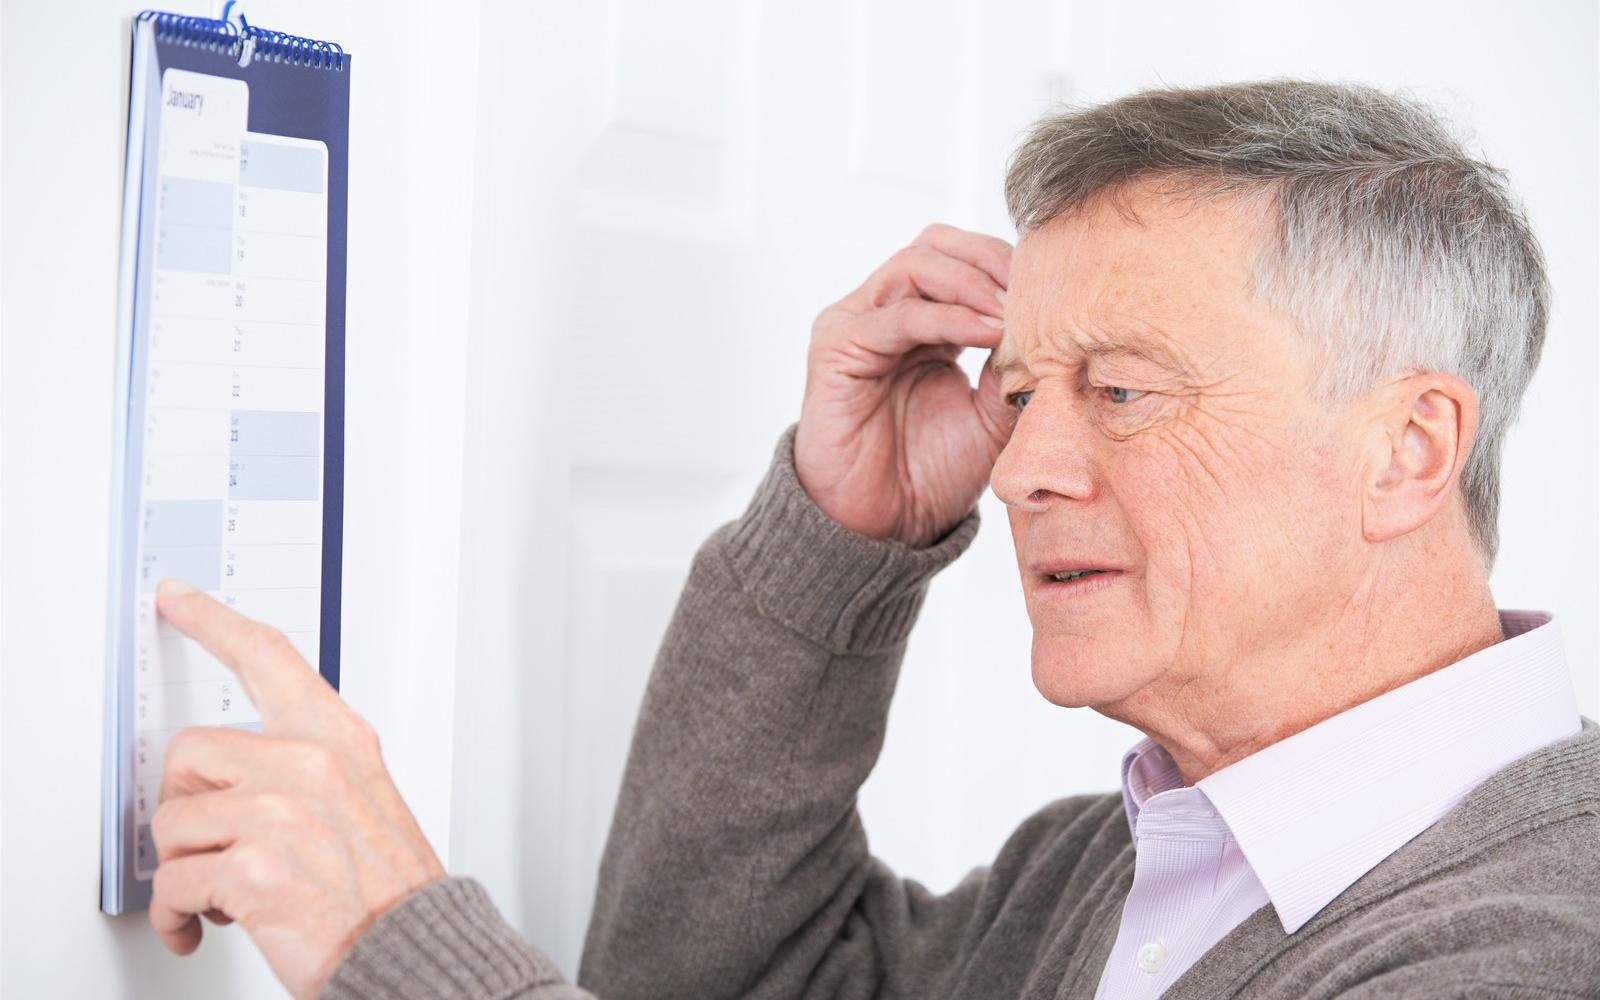 az ideges magas vérnyomástól miért szenvednek az emberek hipertóniában